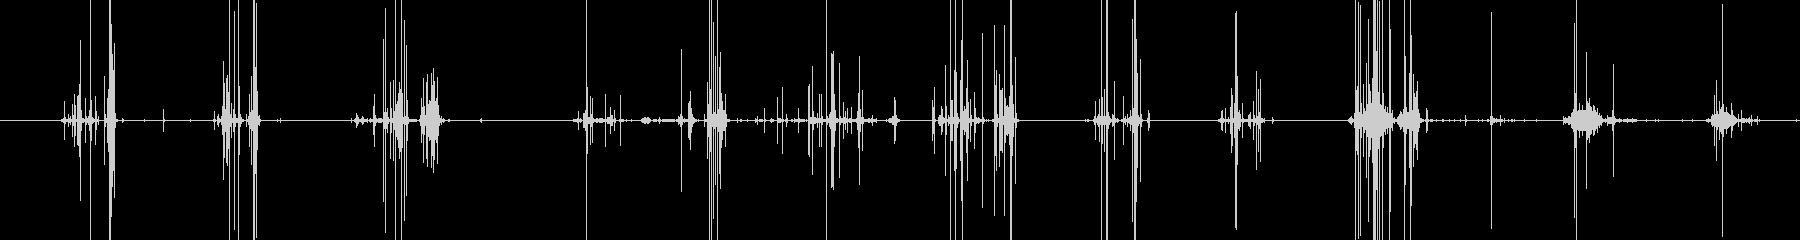 未設定の未再生の波形